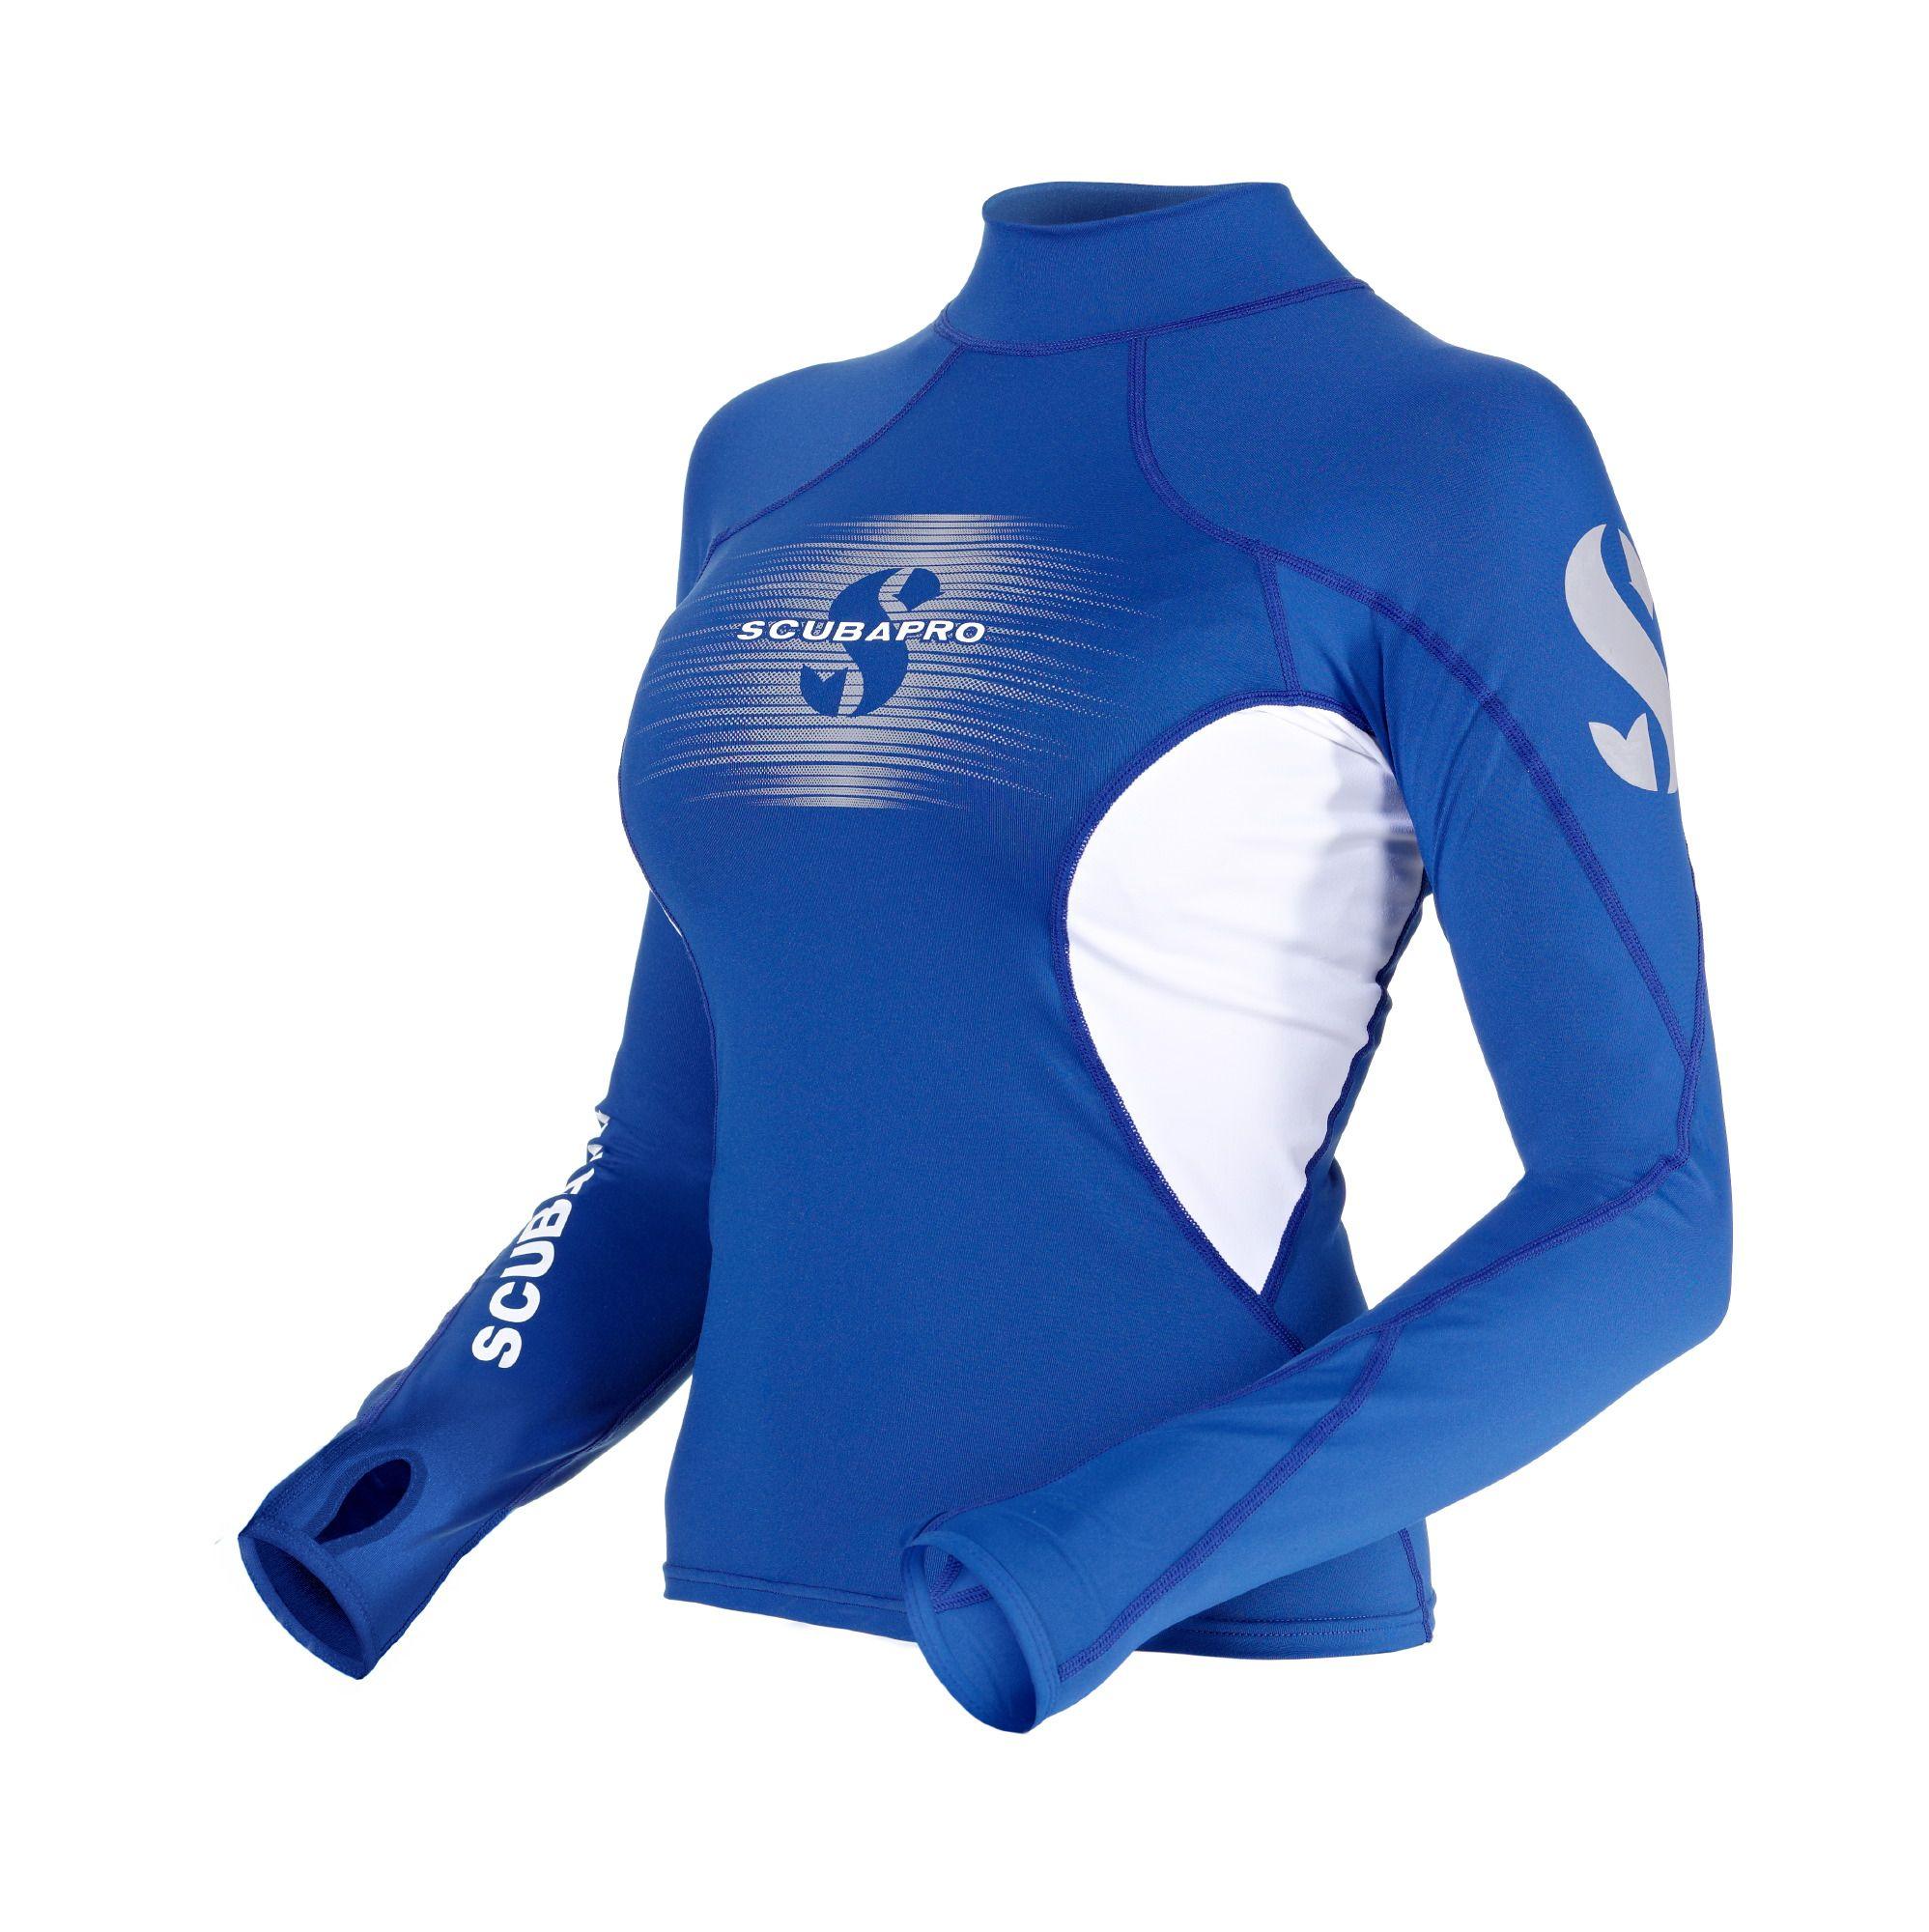 Ликра за водни спортове T-FLEX Lady LS Blue – Scubapro